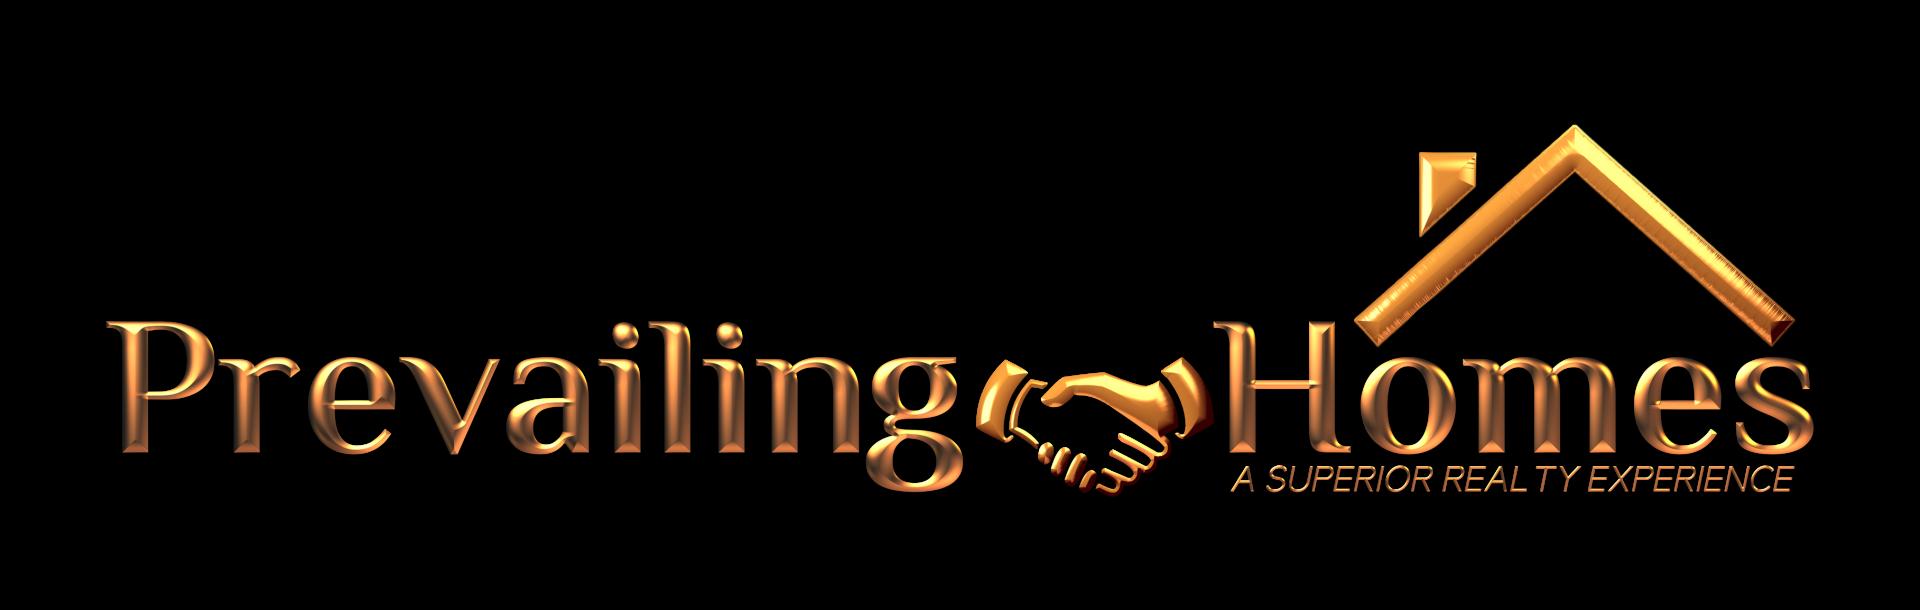 Prevailing Homes LLC  logo